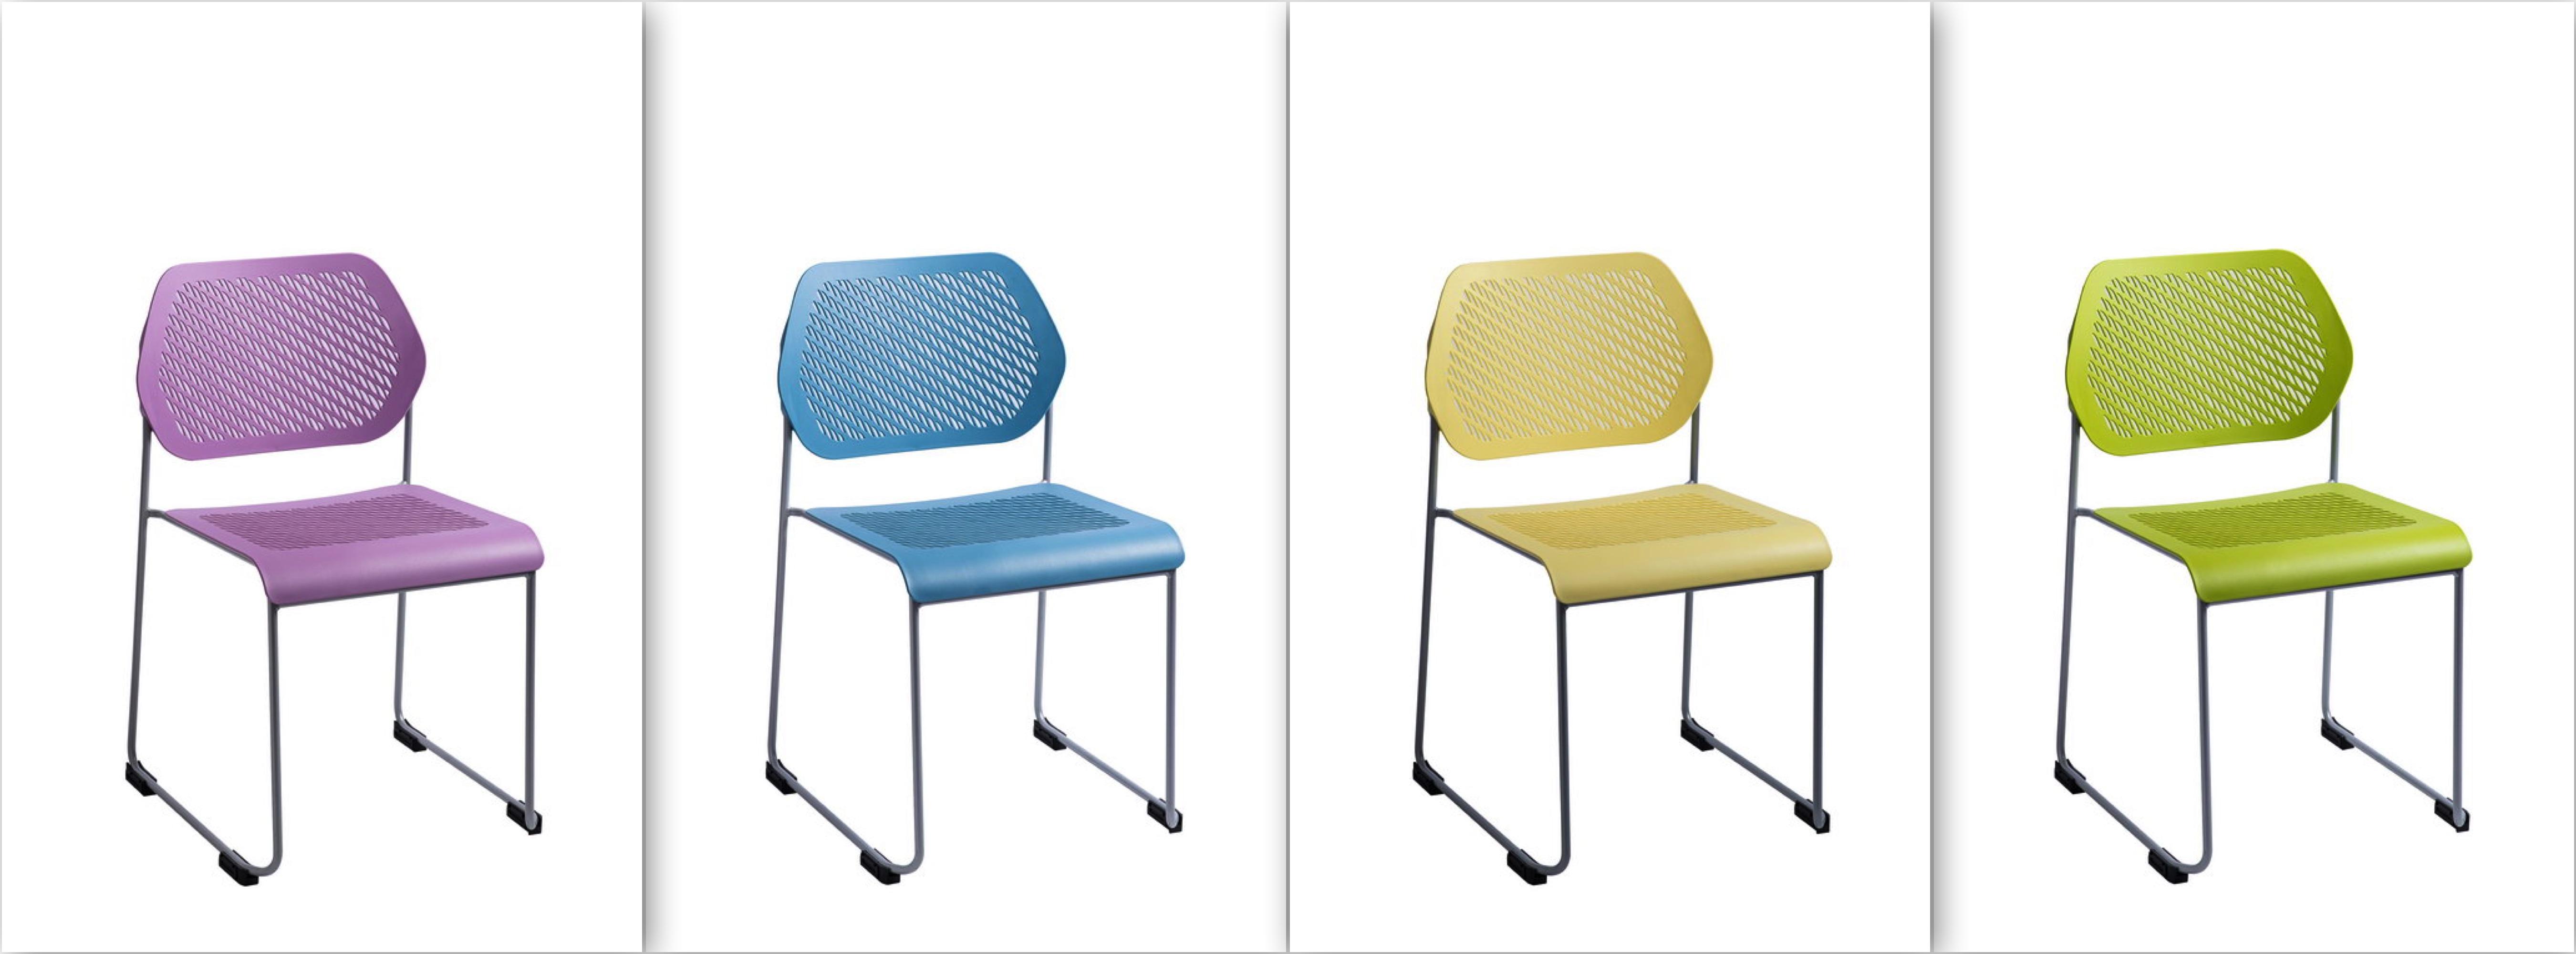 ingica辦公椅商品攝影阿宏_02